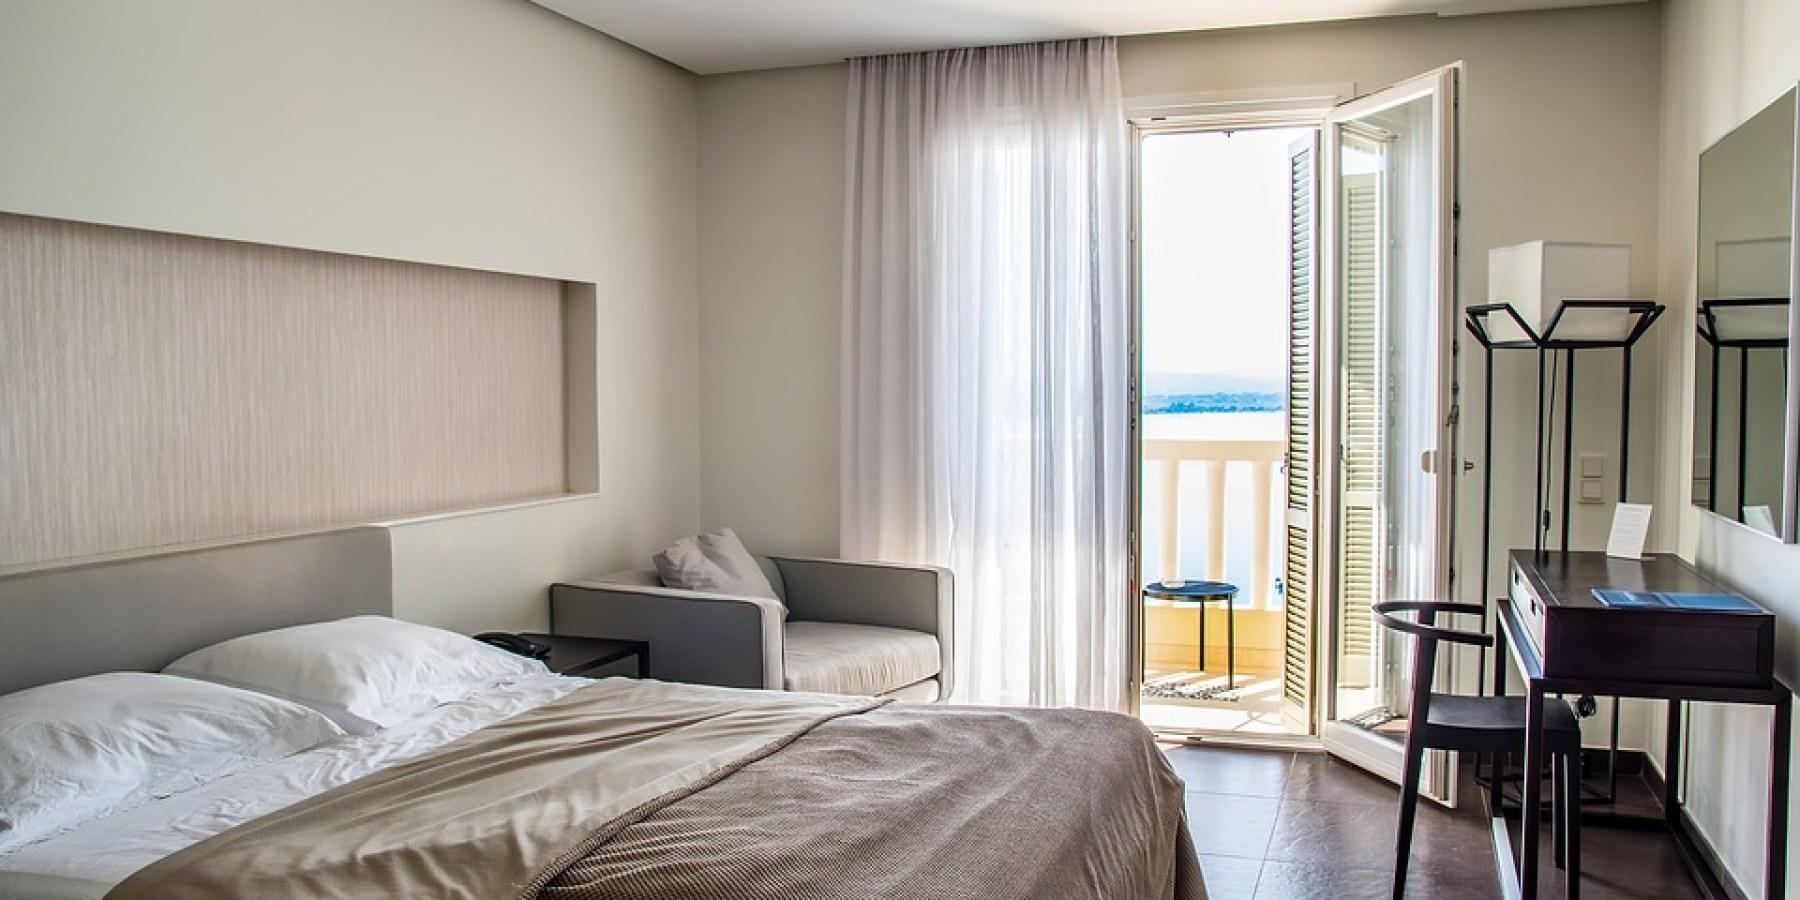 Zugang zu Hotelzimmern für Kriminelle problemlos möglich